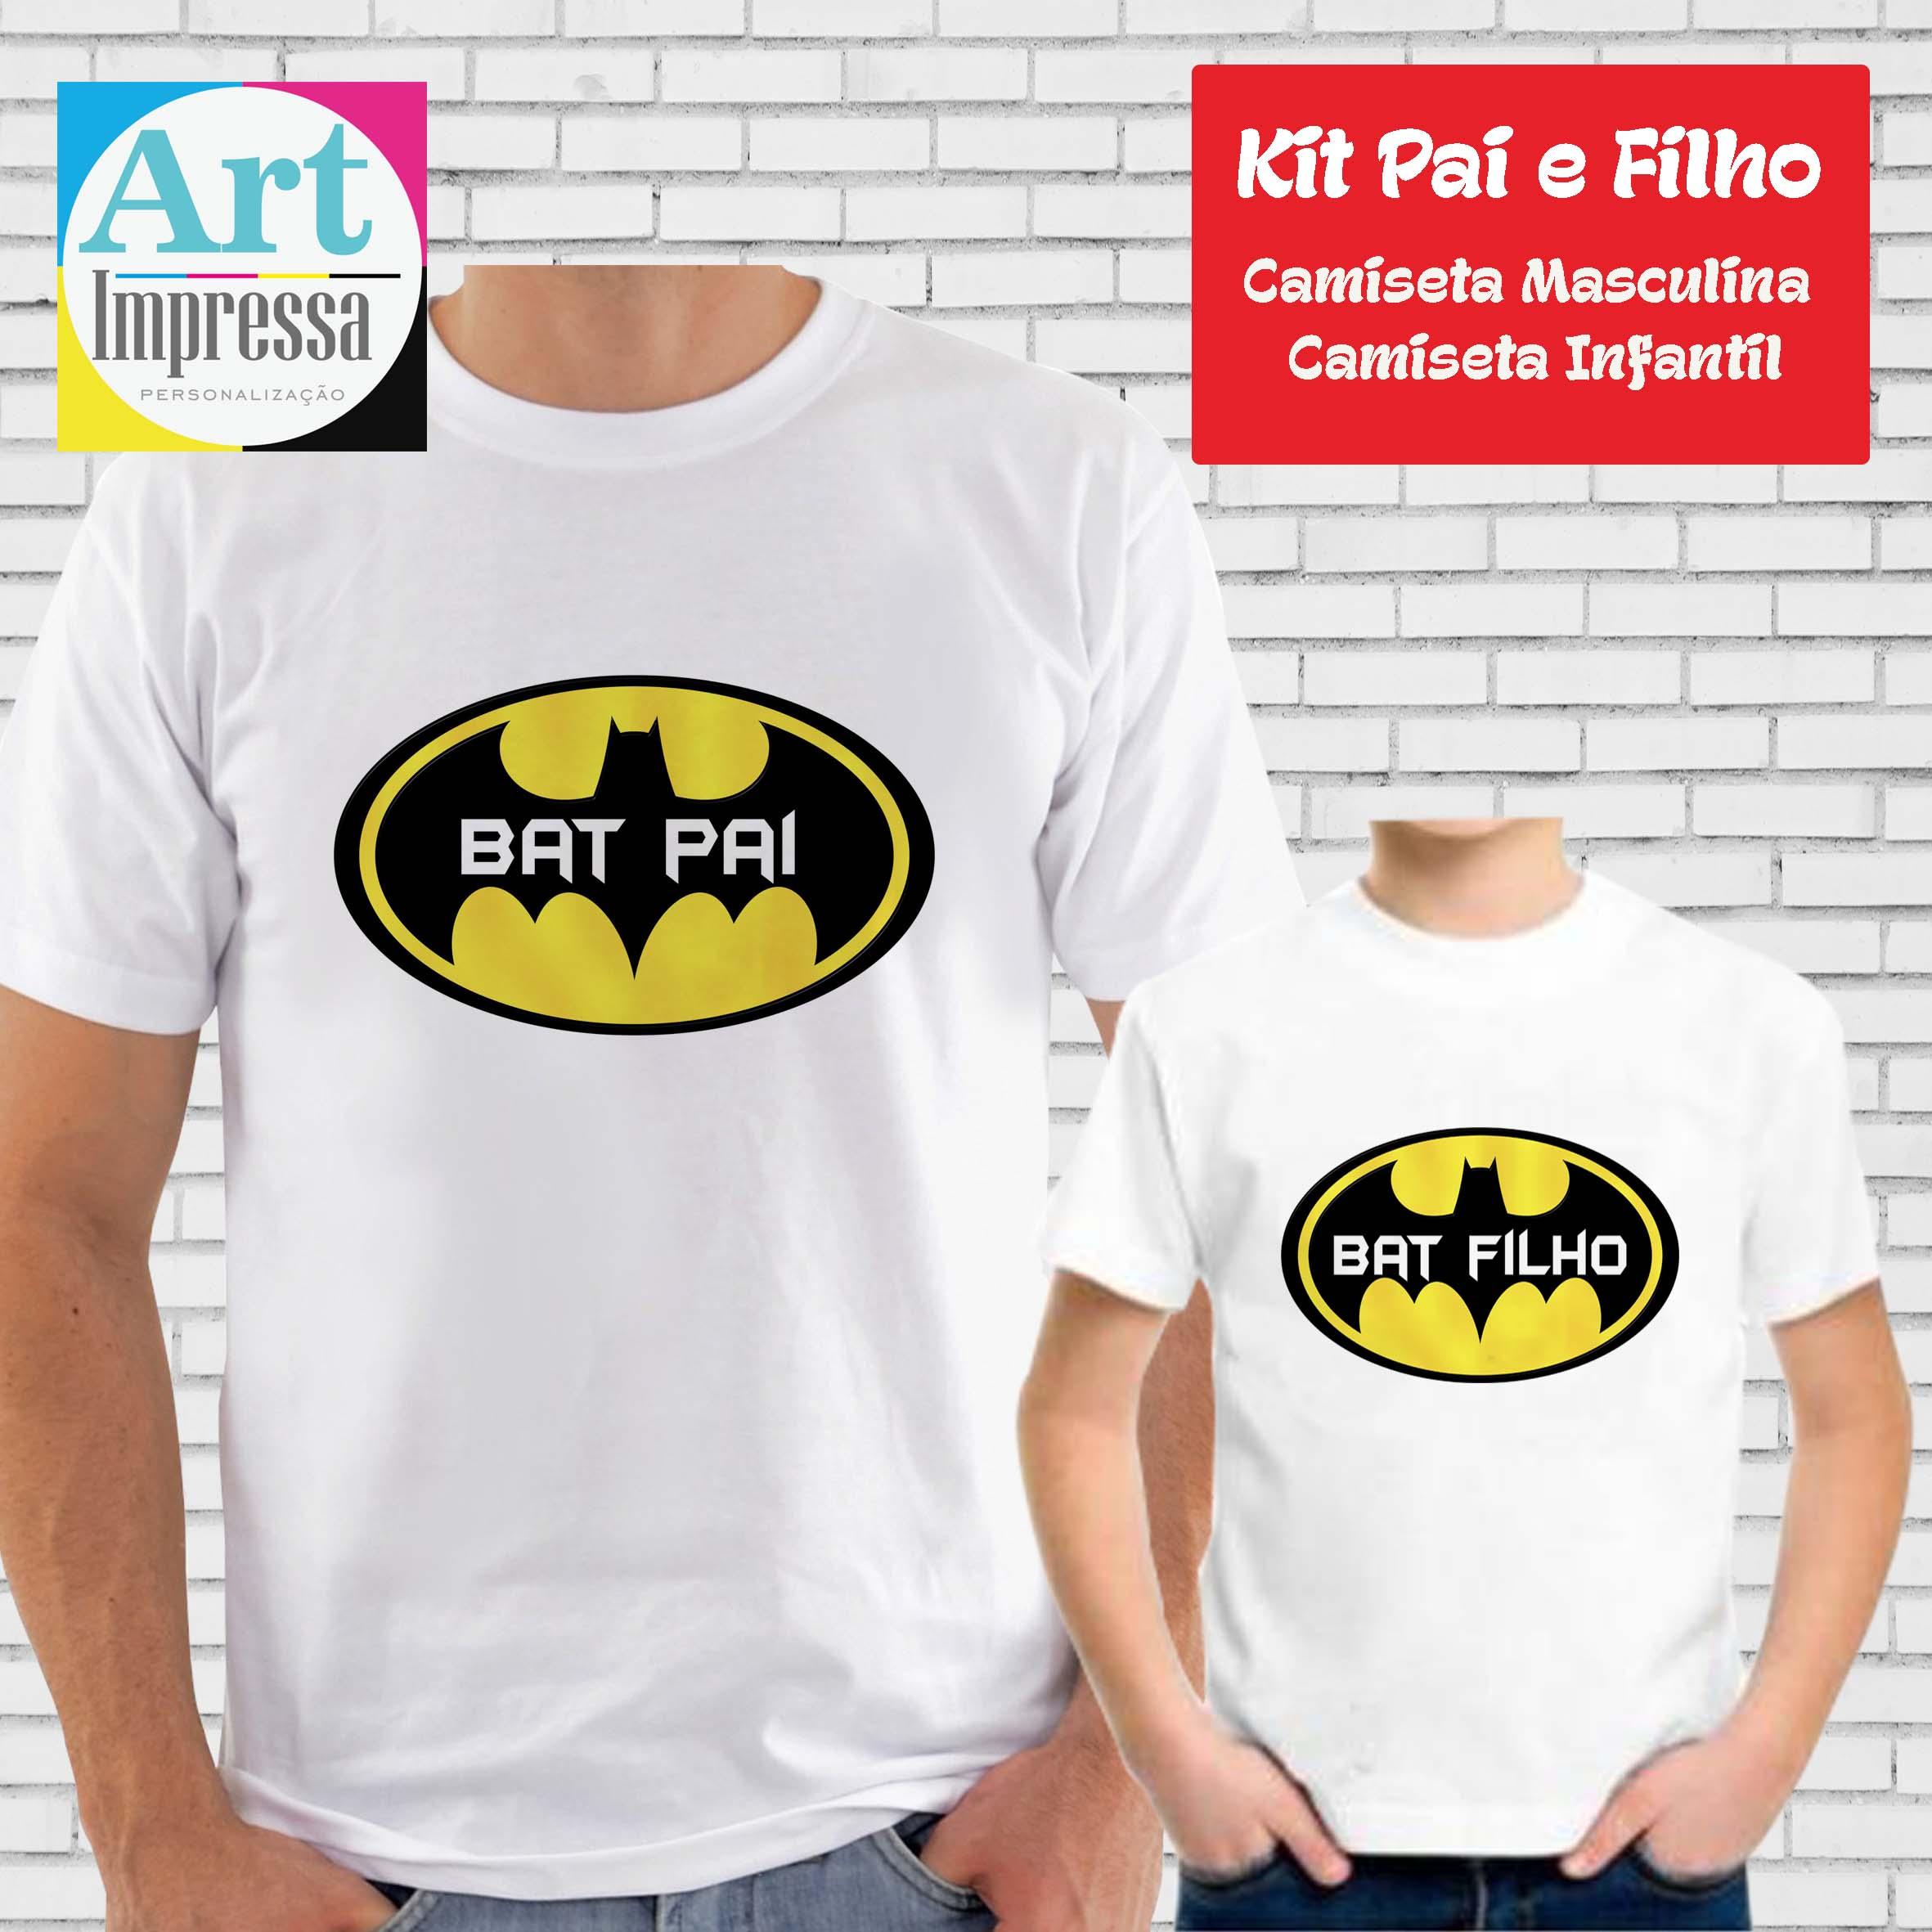 Kit Camiseta Bat Pai e Bat Filho  84c5fb43a37